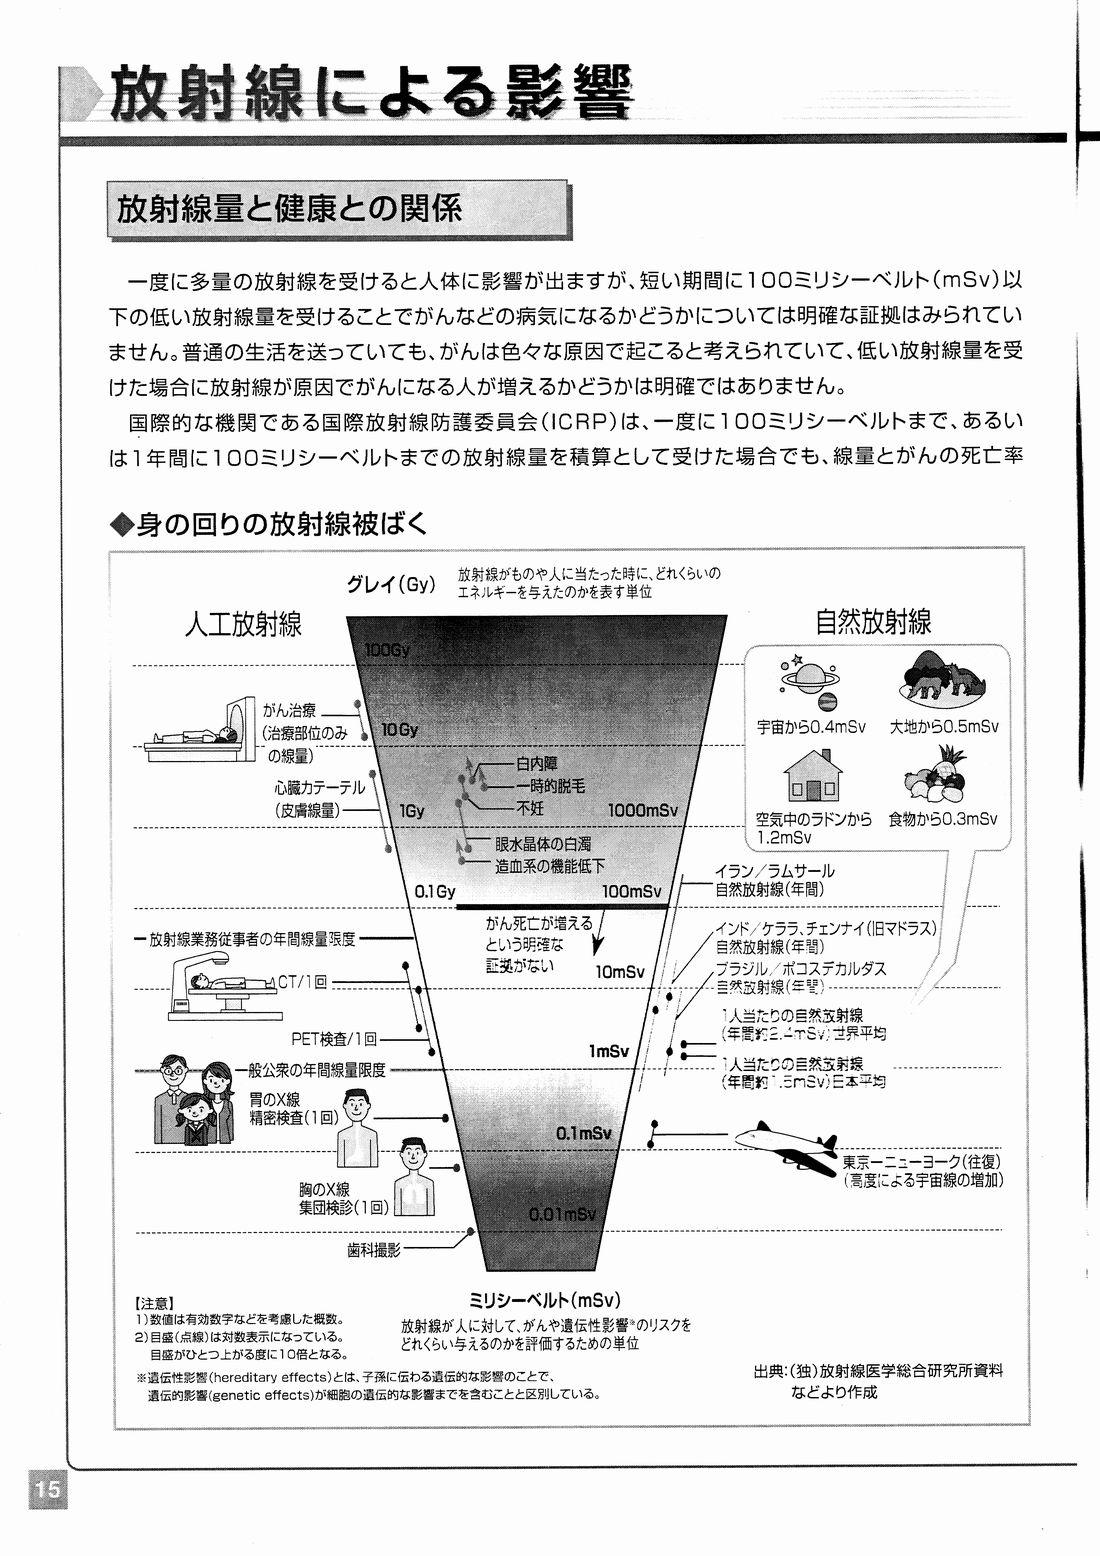 中学生のための放射線副読本_p15